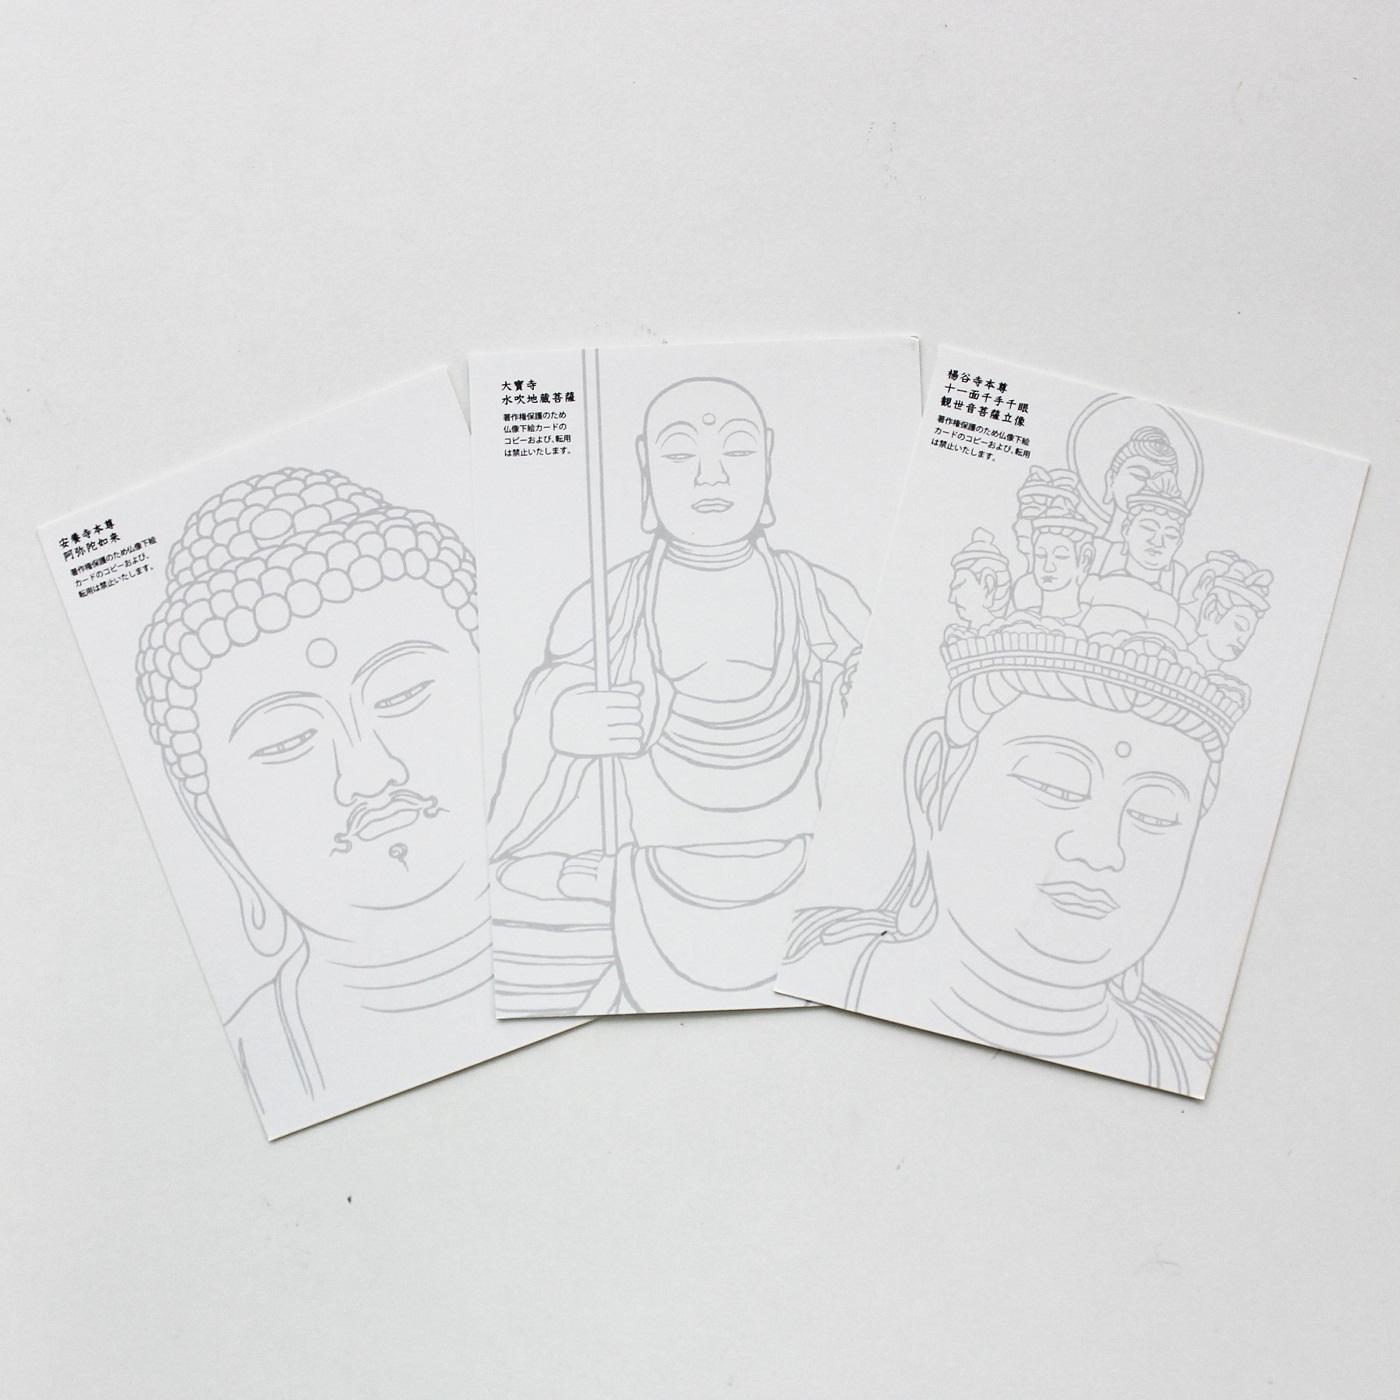 3種類の仏像なぞりぬり絵カード。裏面には、各お寺のお坊さんのお説法が書かれています。